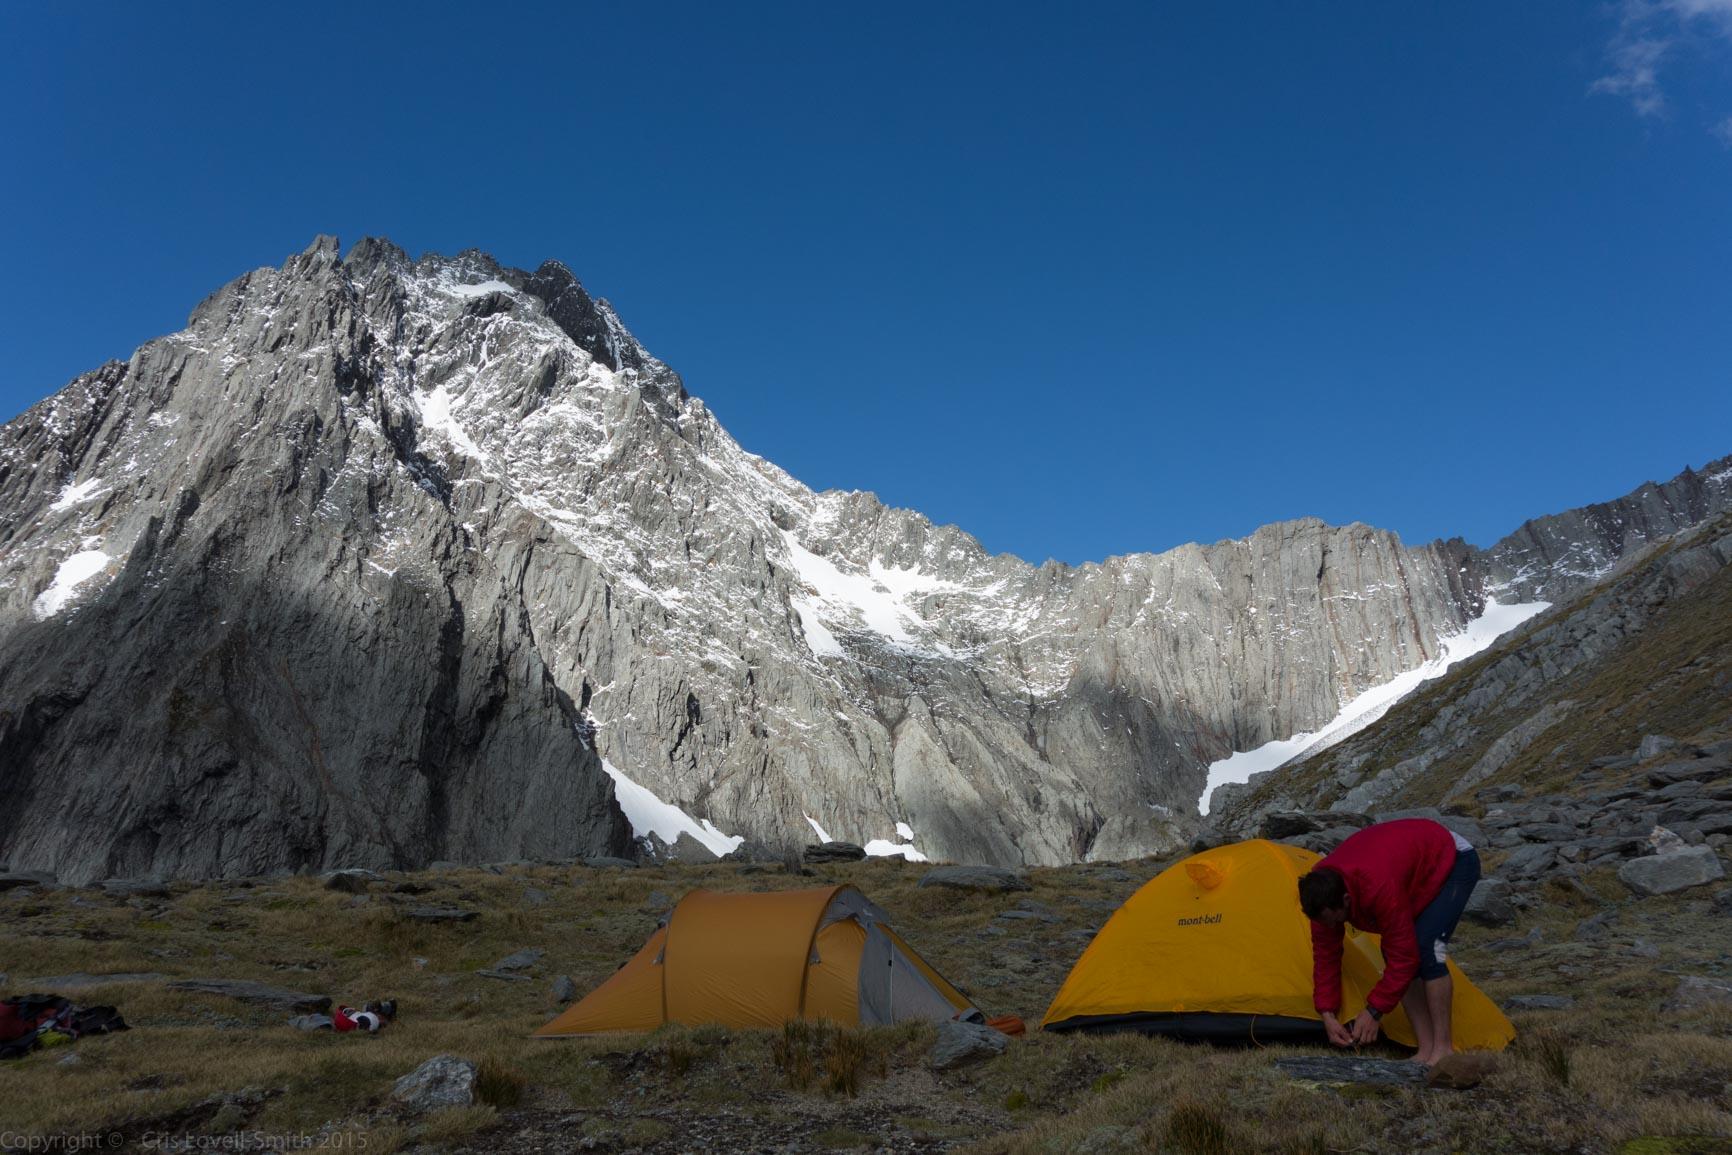 Tents infront of Mt Trent 2 (Hopkins Valley Tramp Jan 2015)